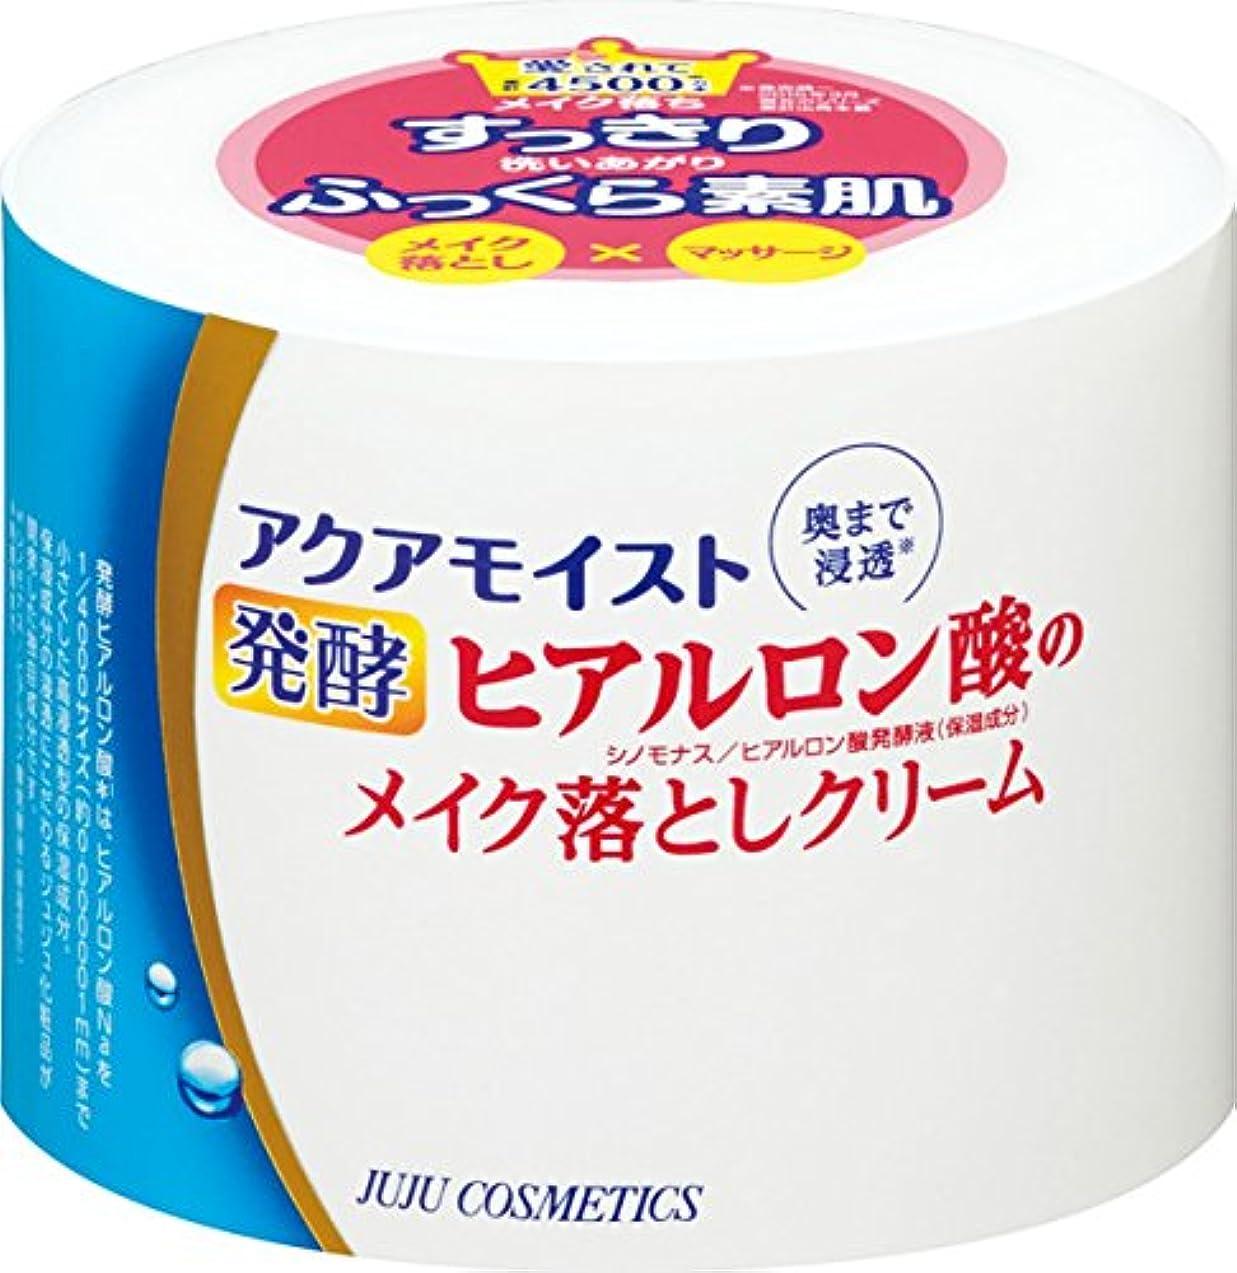 外部同行する神経障害アクアモイスト 発酵ヒアルロン酸のメイク落としクリーム 160g